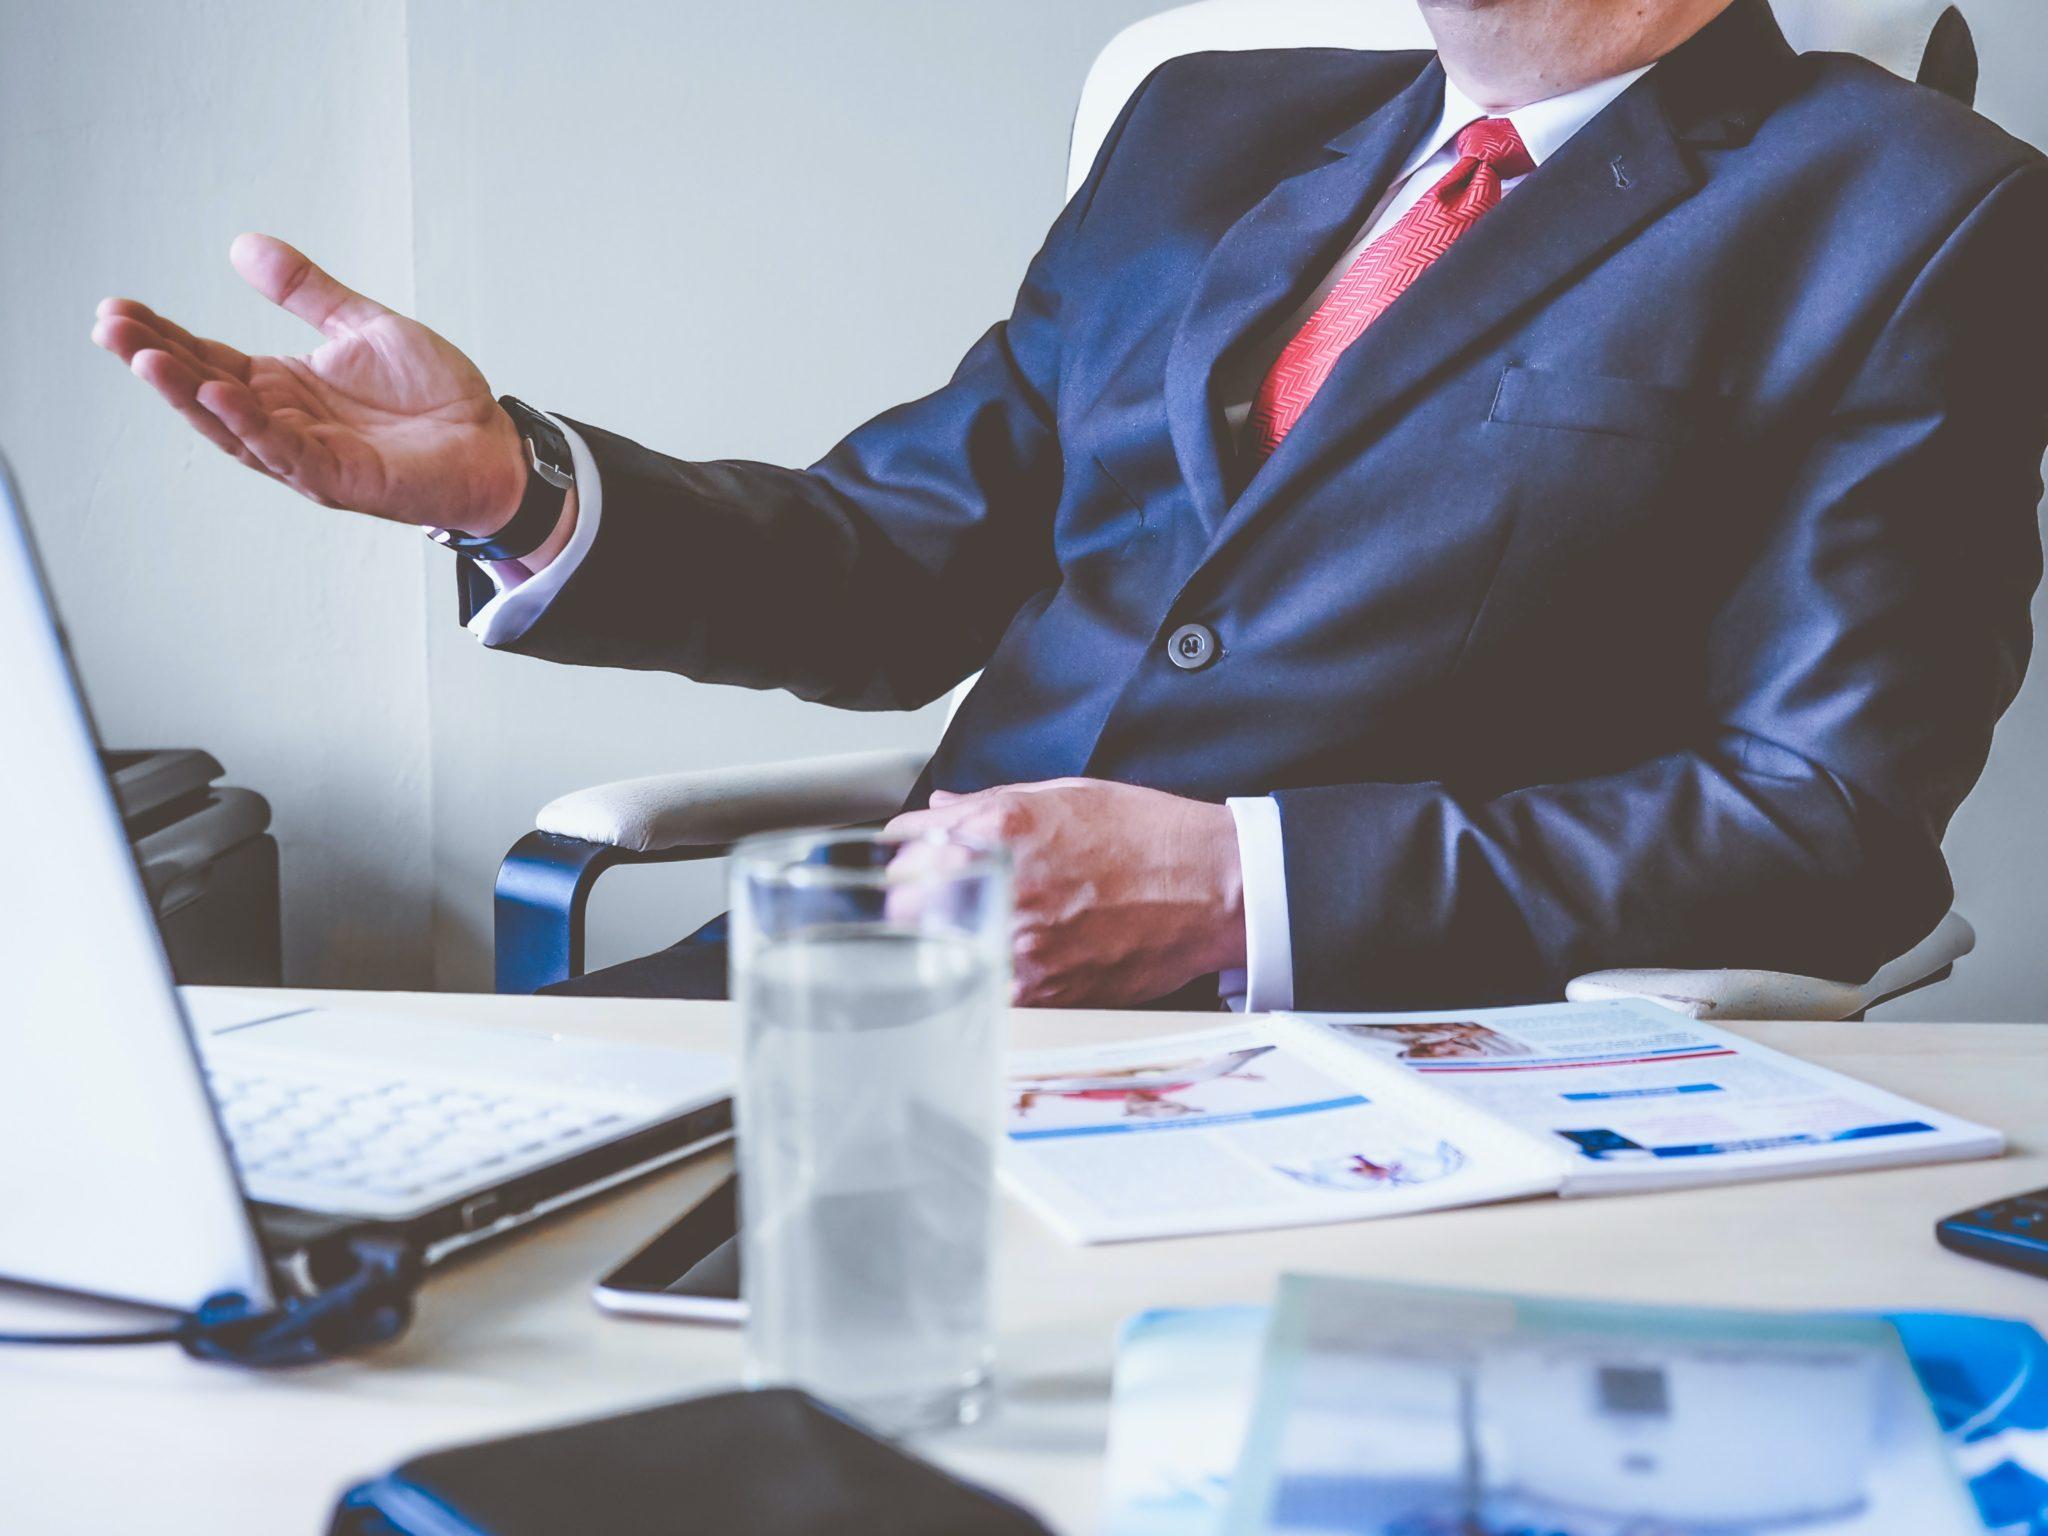 Ganzheitliche Unternehmensberatung: 3 zukunftsorientierte Fragen auf die Sie als Chef eine Antwort haben müssen